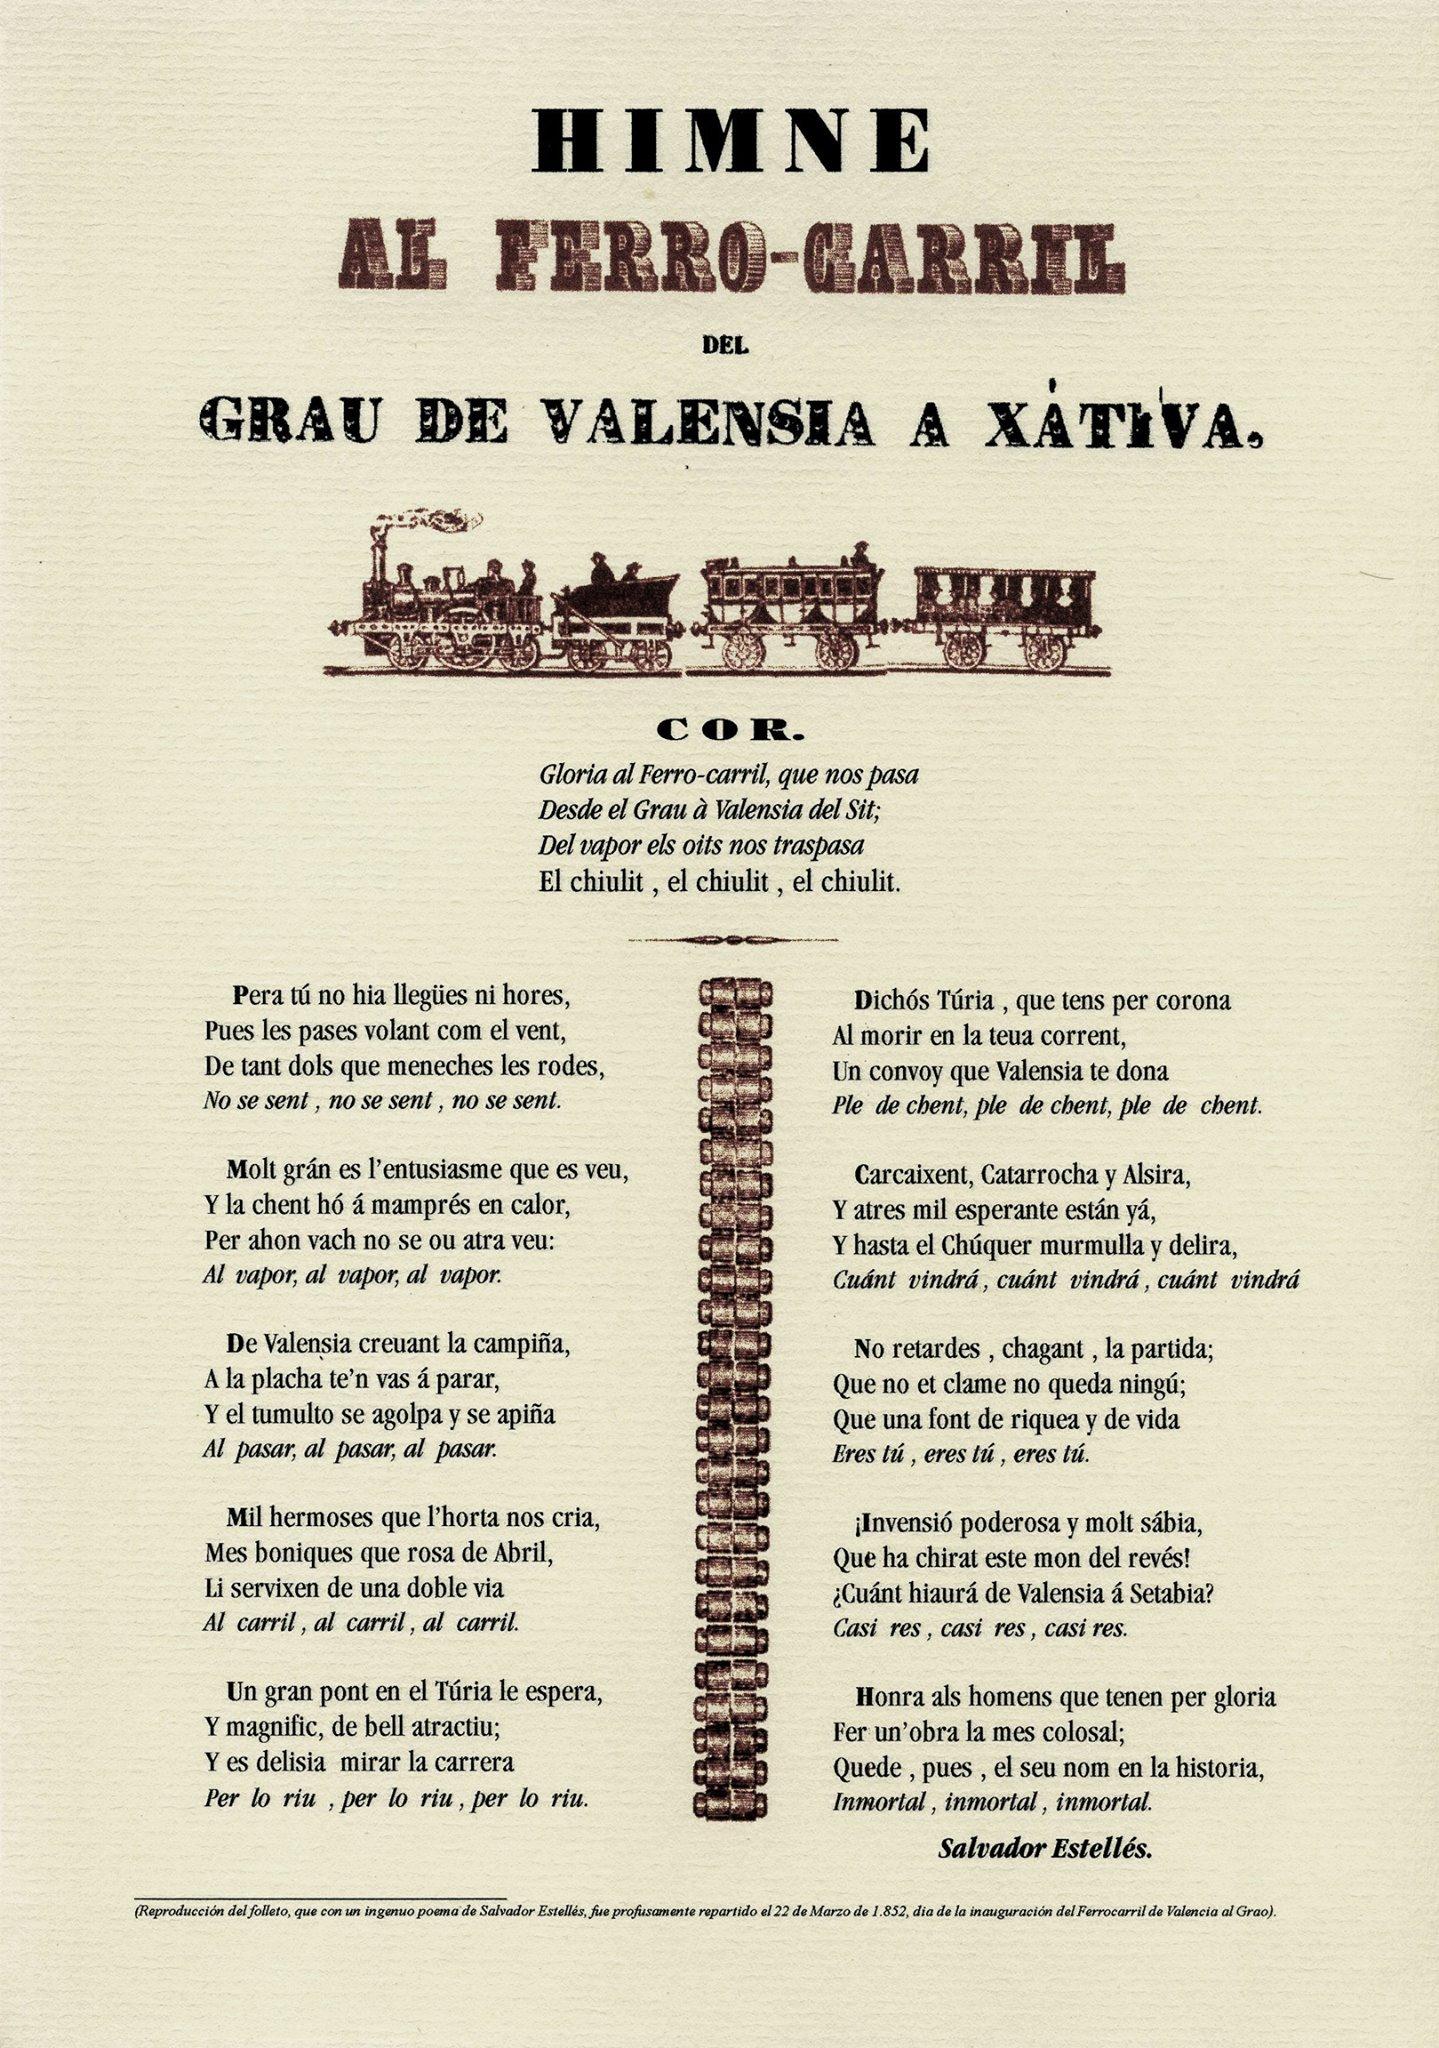 Himno del ferrocarril. Medalla del Centenario. Escaneo facilitado por Tono Giménez